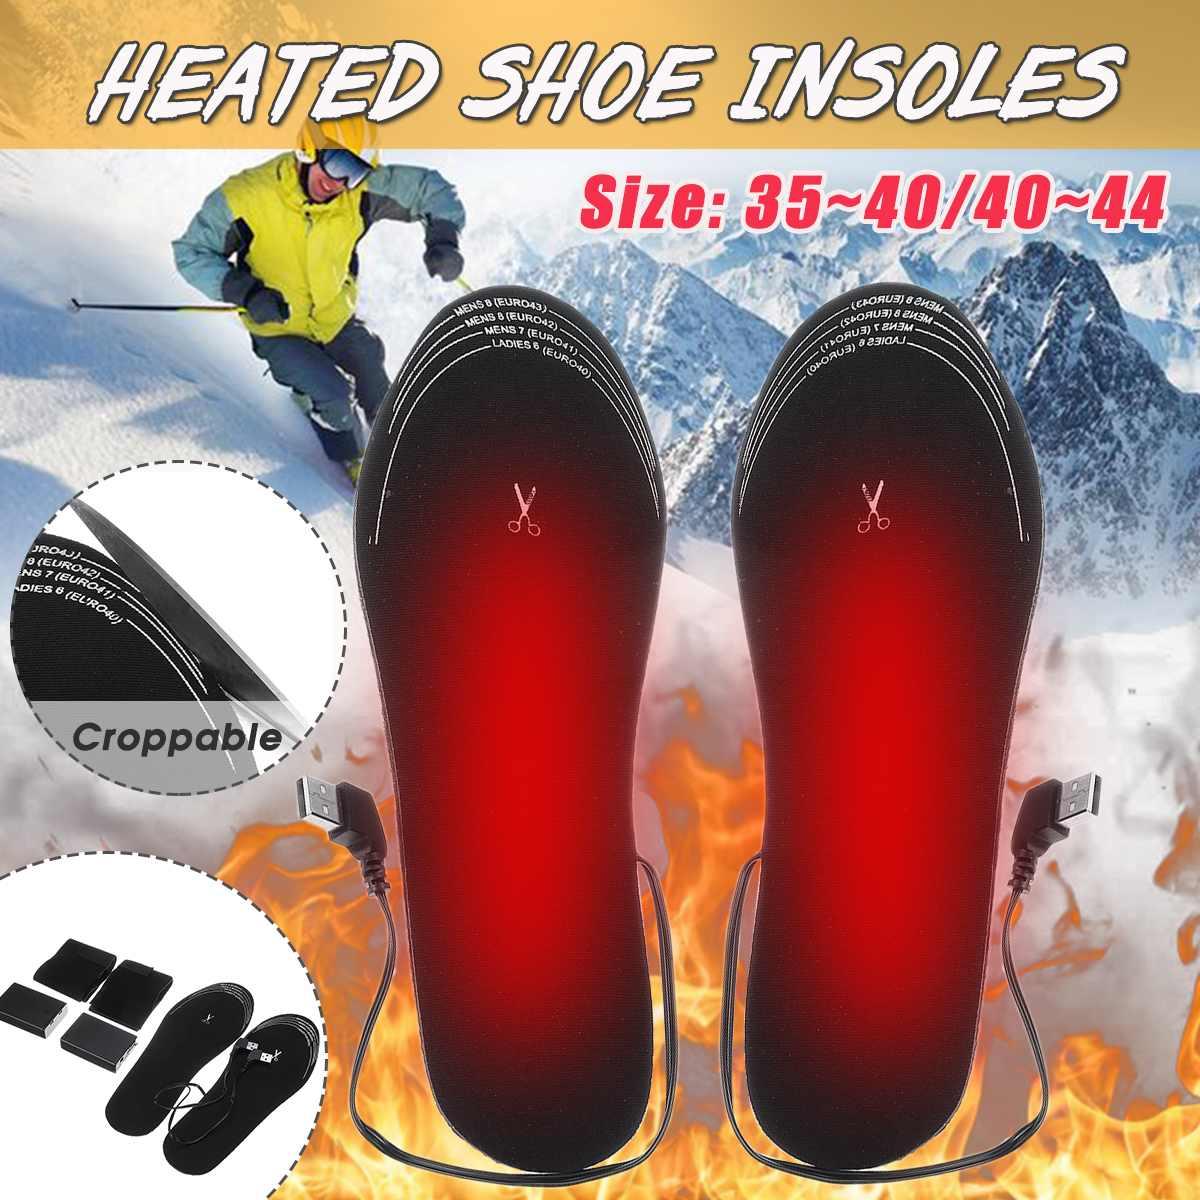 1 par ue 34-40/40-44 tamanho palmilhas de sapato aquecido palmilhas de aquecimento de bateria elétrica inverno aquecido pé aquecedor quente almofada